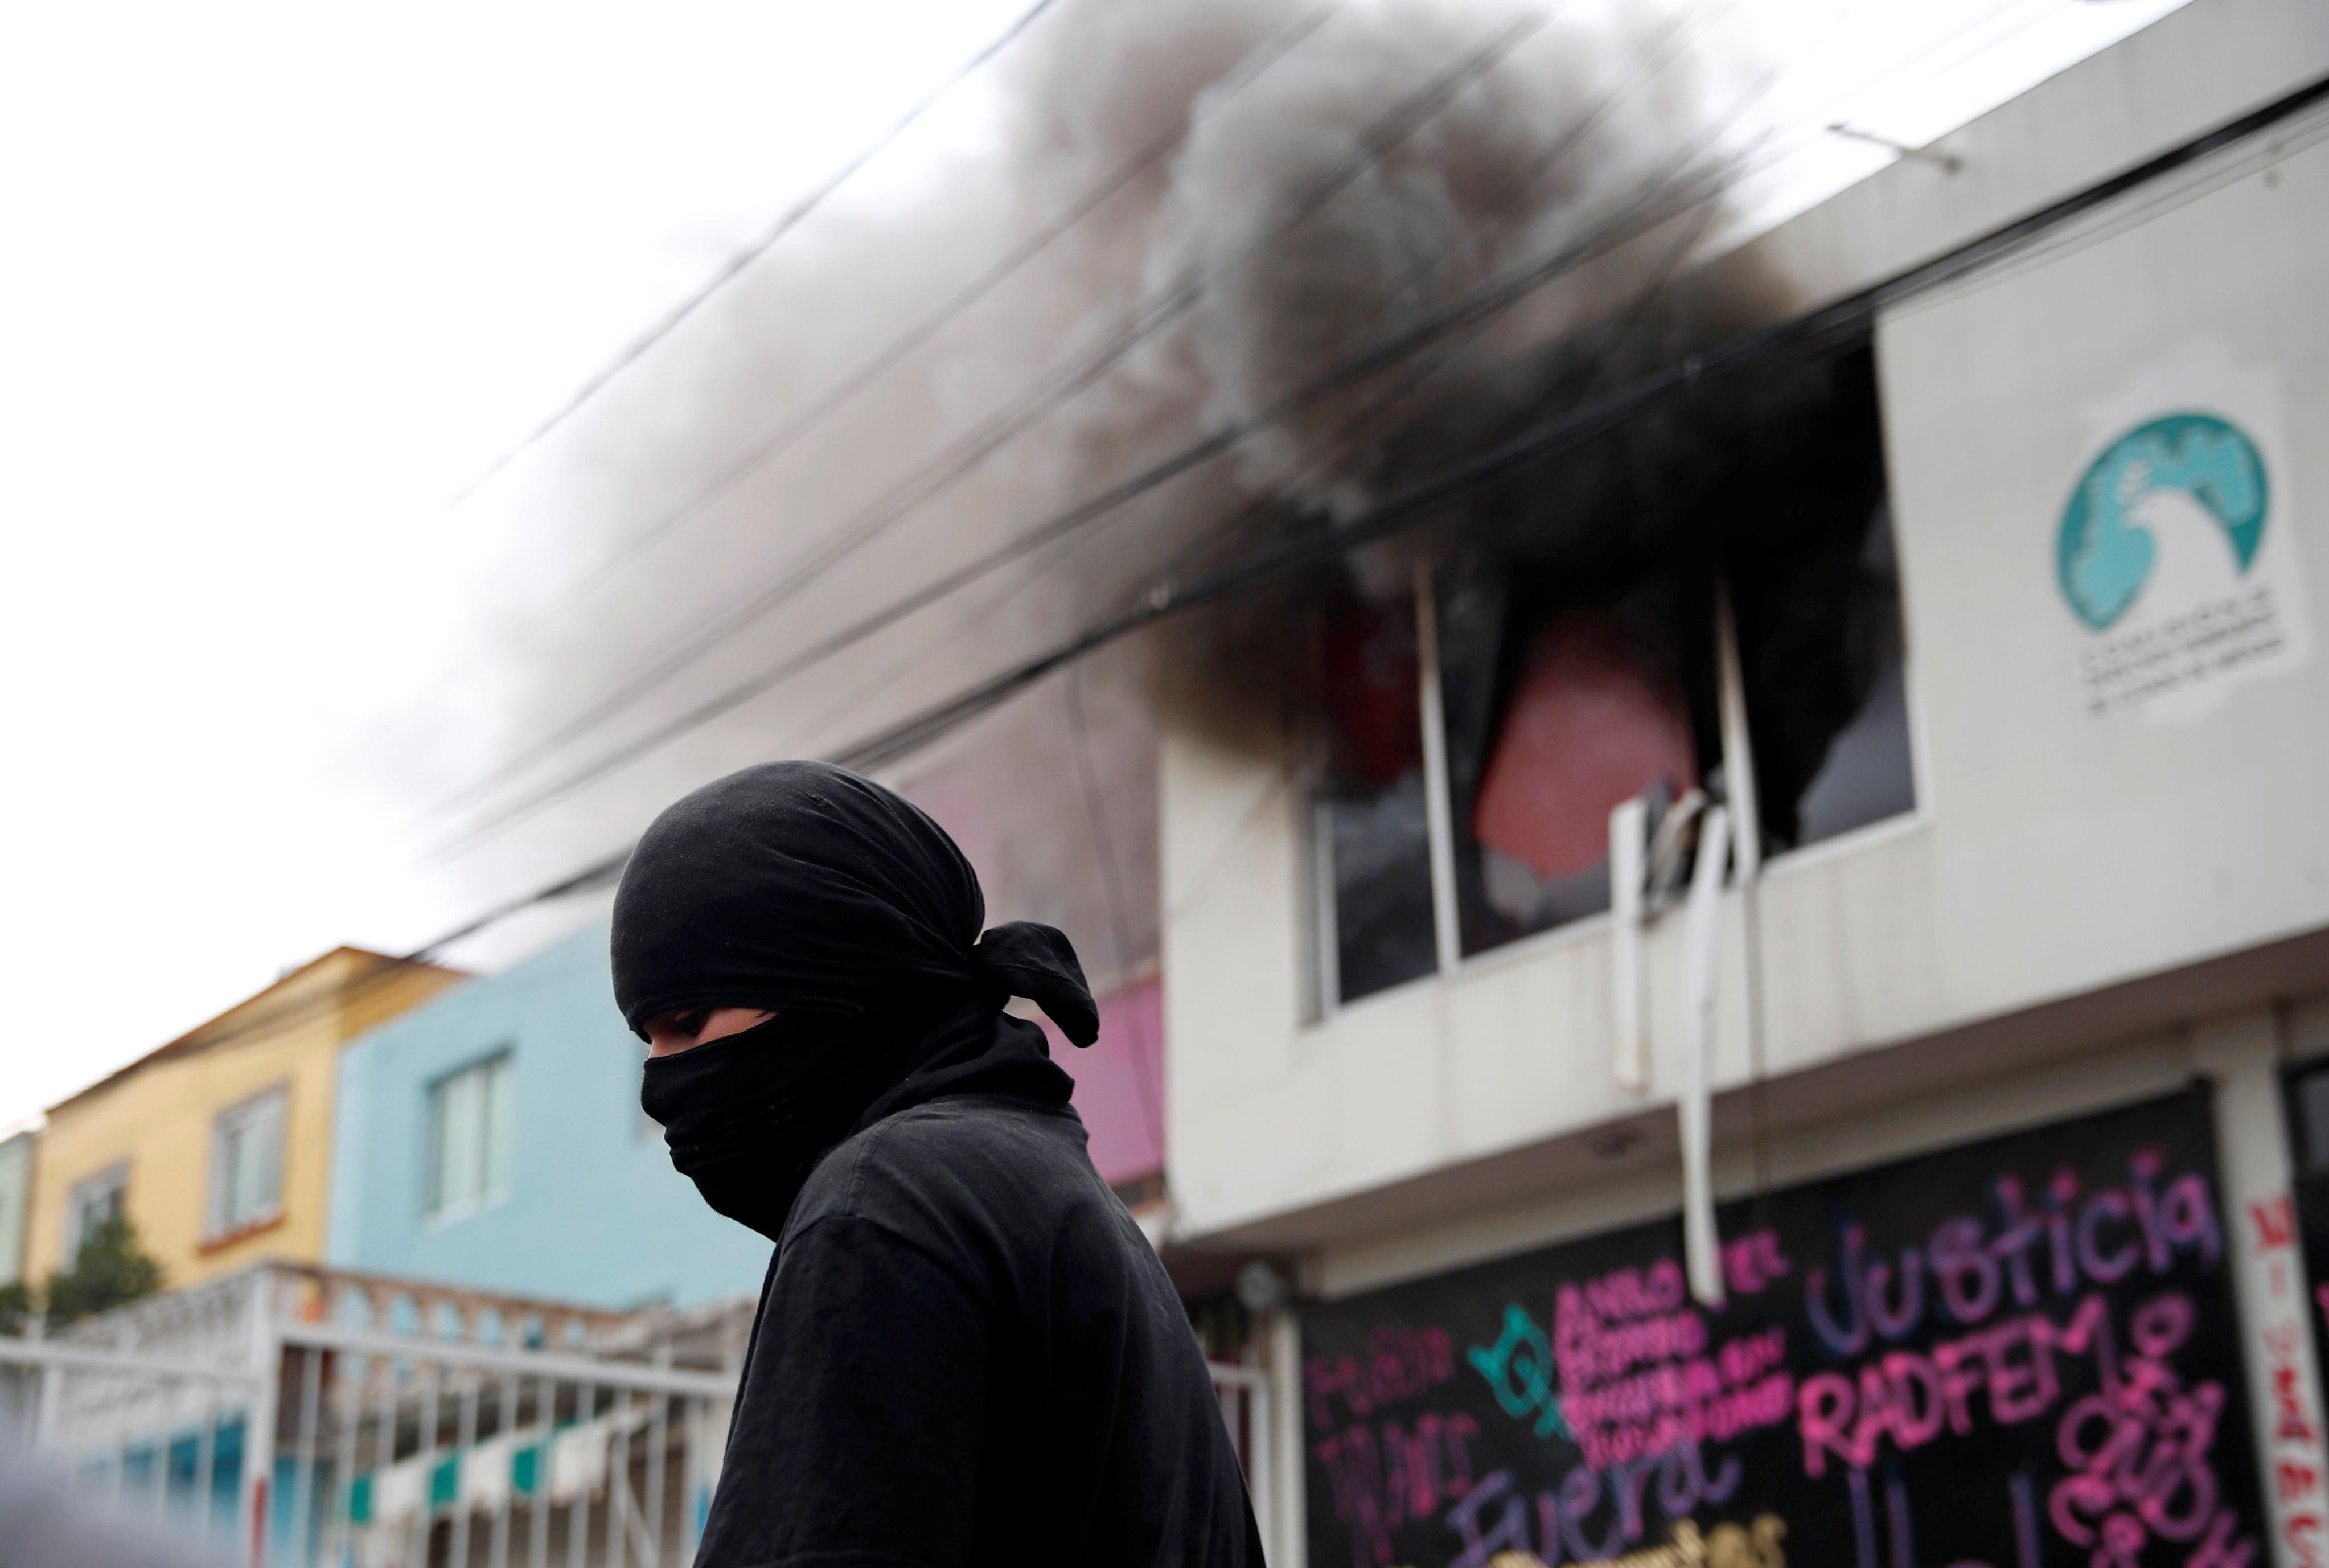 Se ve humo de un incendio luego de que miembros de un colectivo feminista vandalizaran las instalaciones de la comisión de derechos humanos del estado de México, en apoyo a víctimas de violencia de género, en Ecatepec, Estado de México, México el 11 de septiembre de 2020.